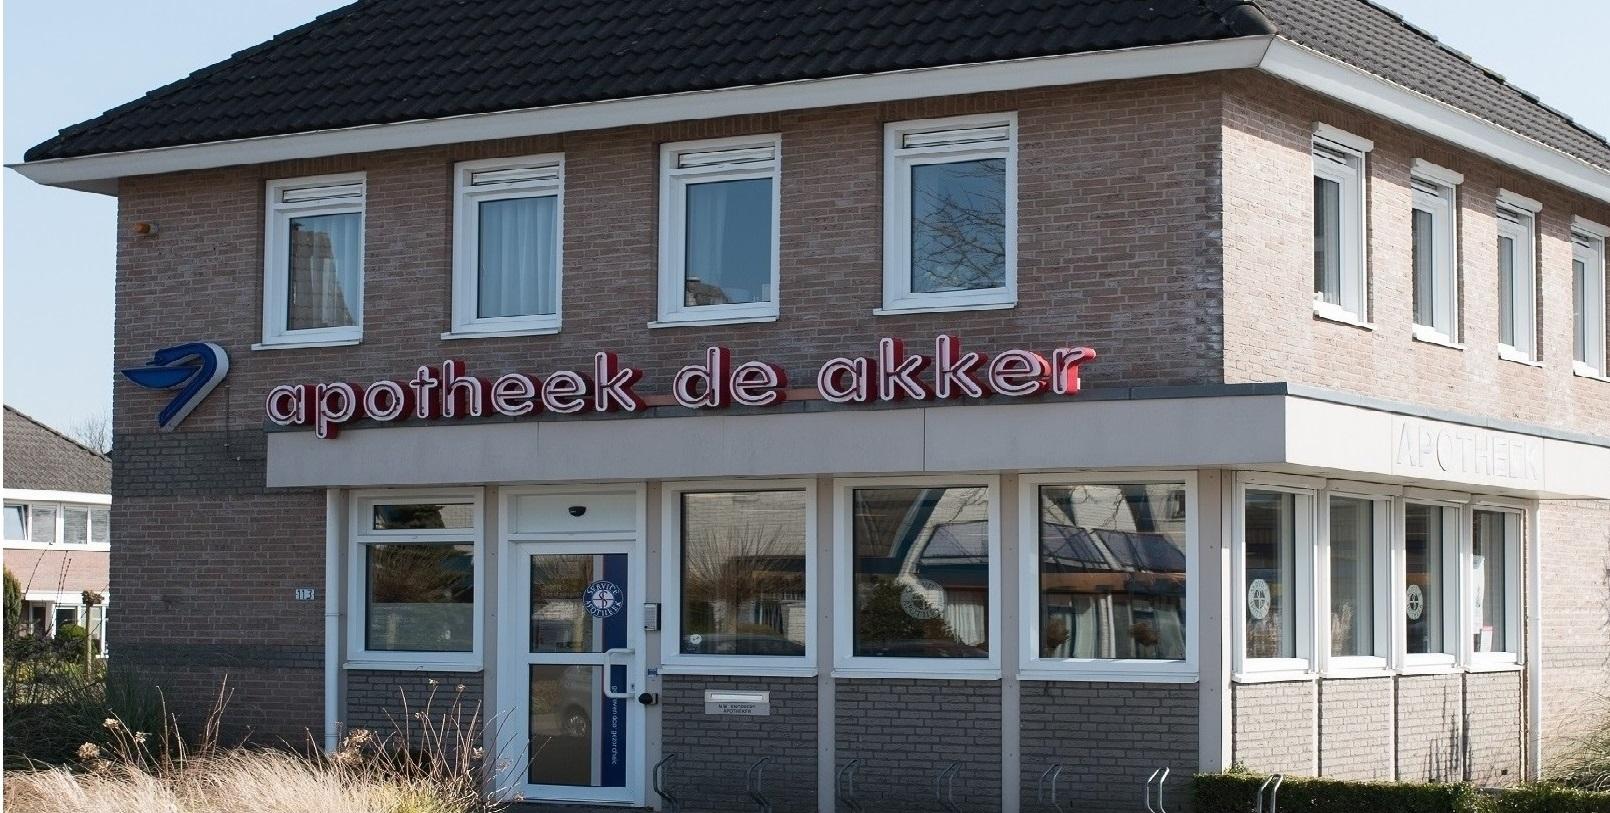 Apotheek de Akker